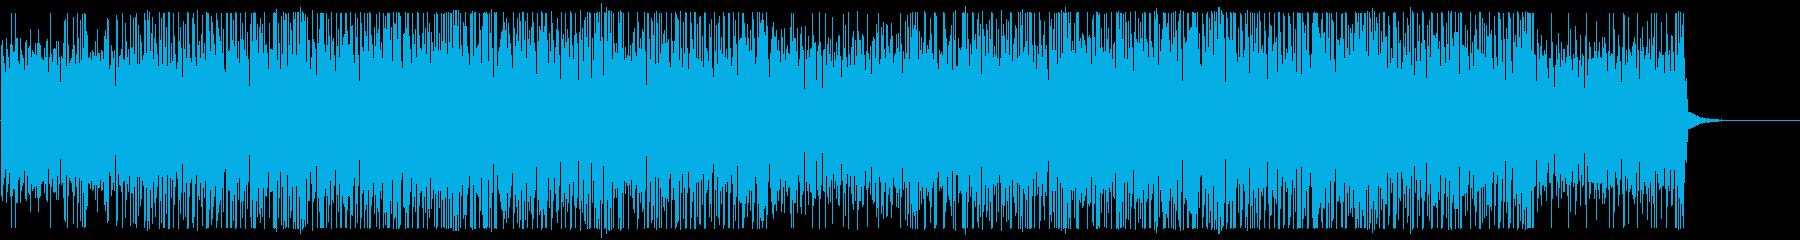 ロボットが踊るような愉快なシンセ曲 Aの再生済みの波形